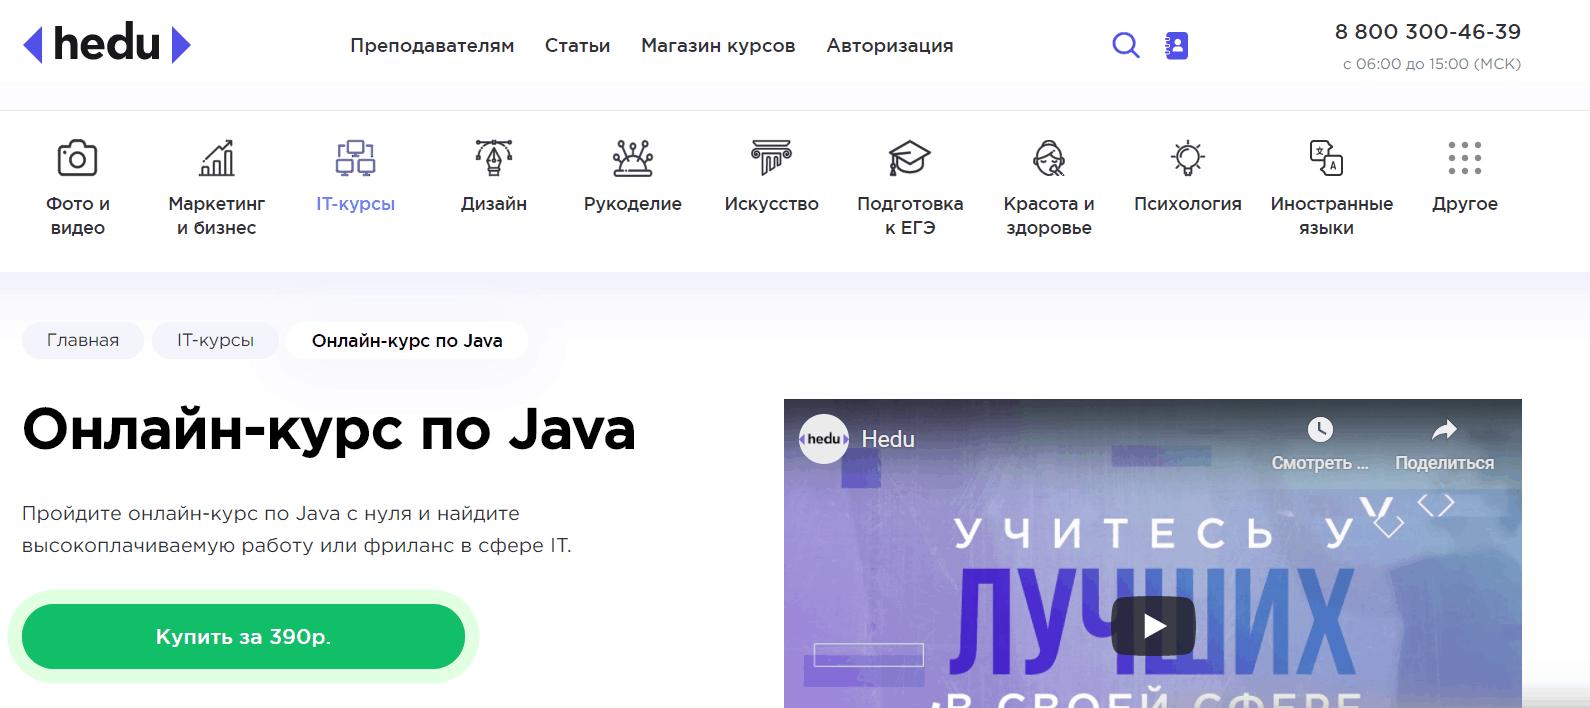 Онлайн-курс по Ява